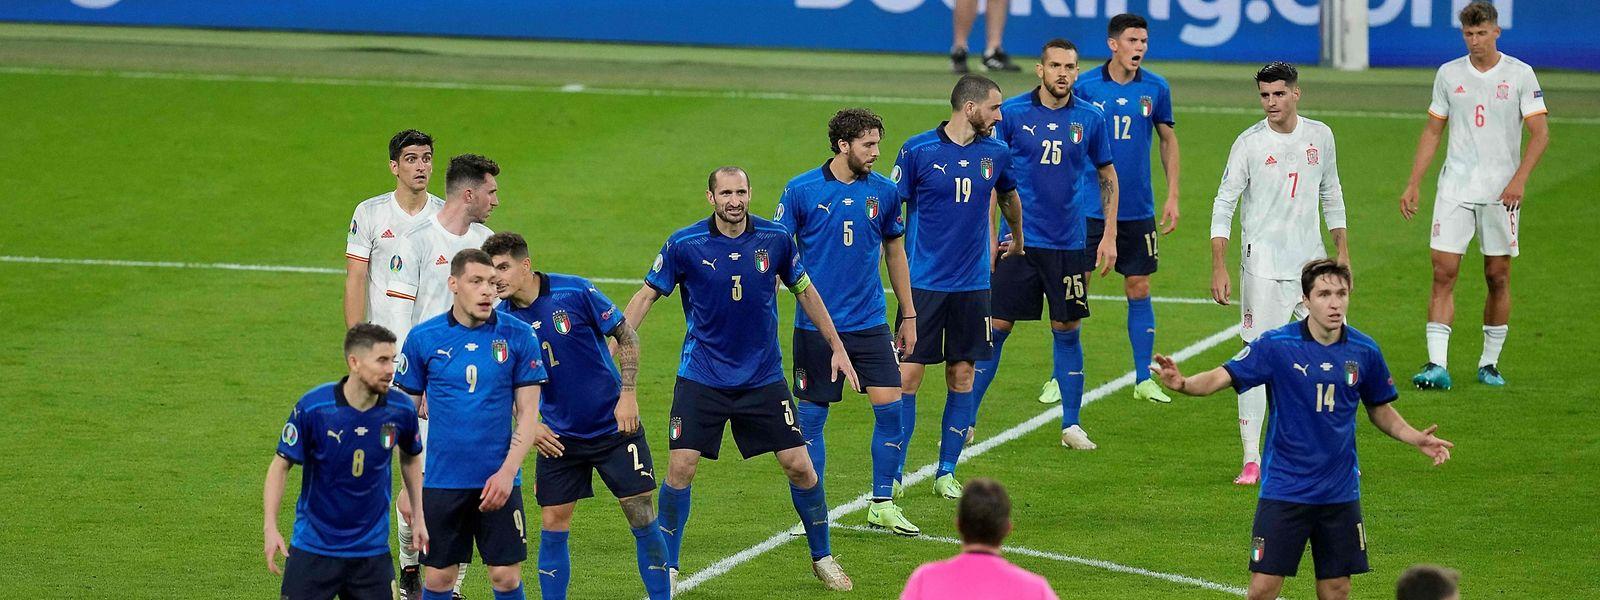 Appliquée, la défense italienne aura subi les attaques espagnoles. Mais en ne rompant qu'à une reprise dans le cours du match.